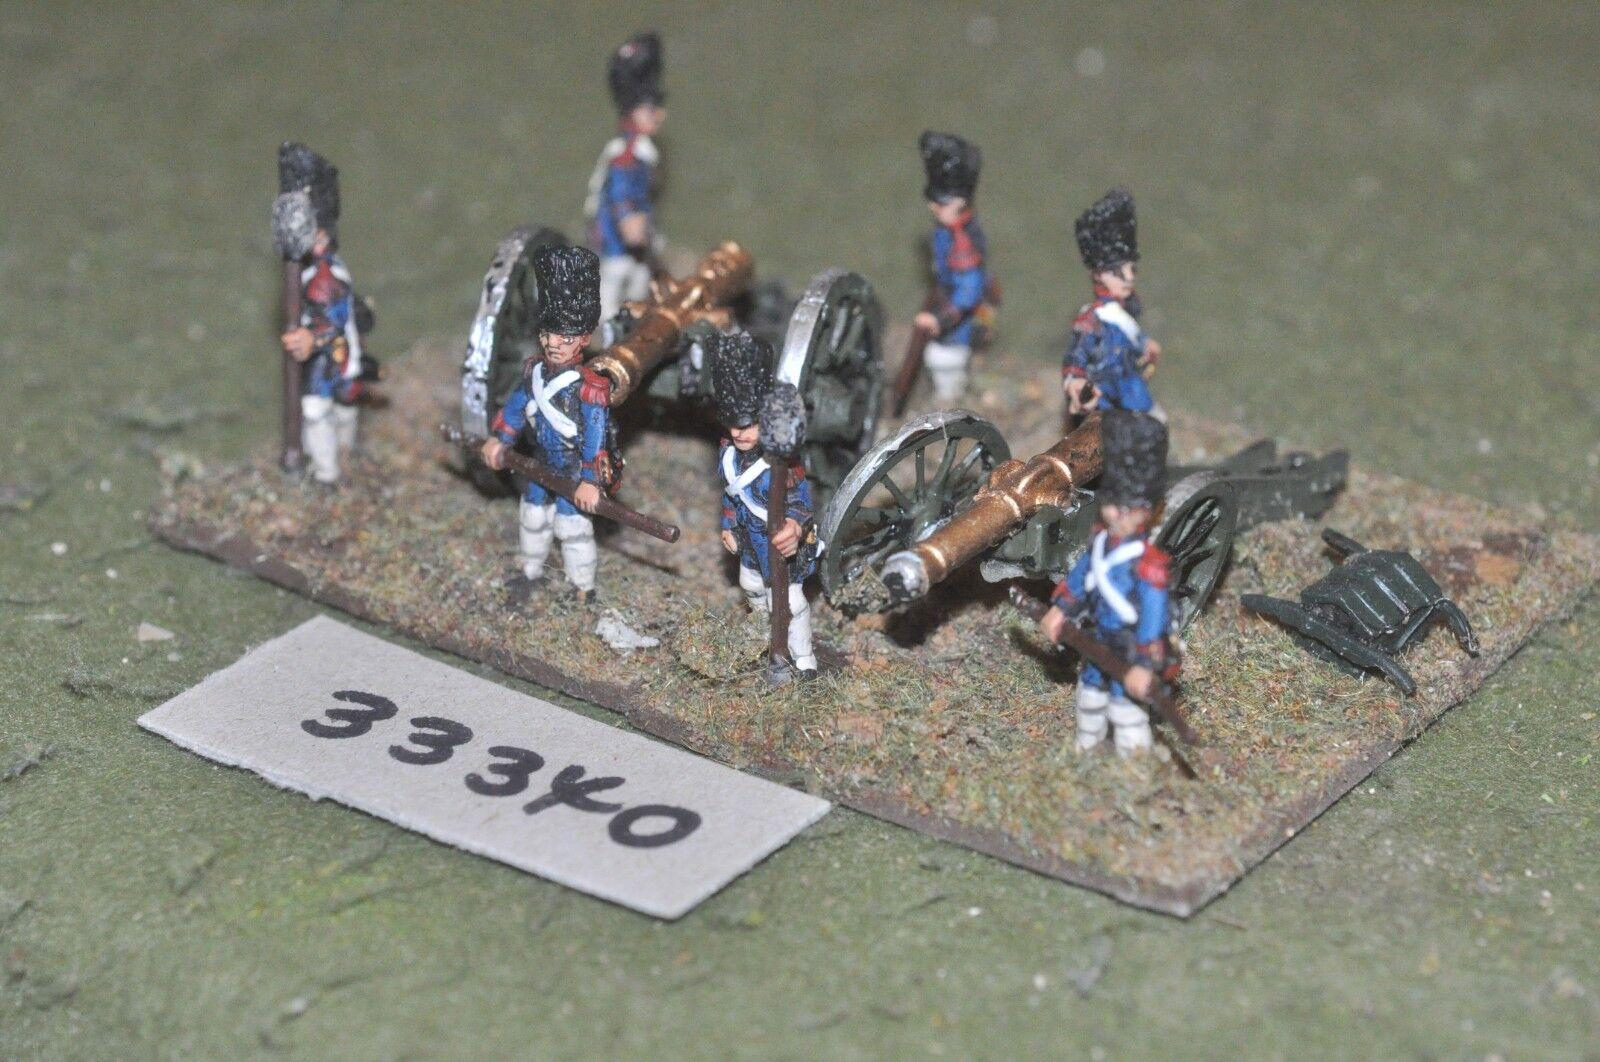 orden ahora con gran descuento y entrega gratuita 25mm napoleónicas francés-Guard francés-Guard francés-Guard 2 armas & Arte rojoondo (33340)  Ahorre hasta un 70% de descuento.